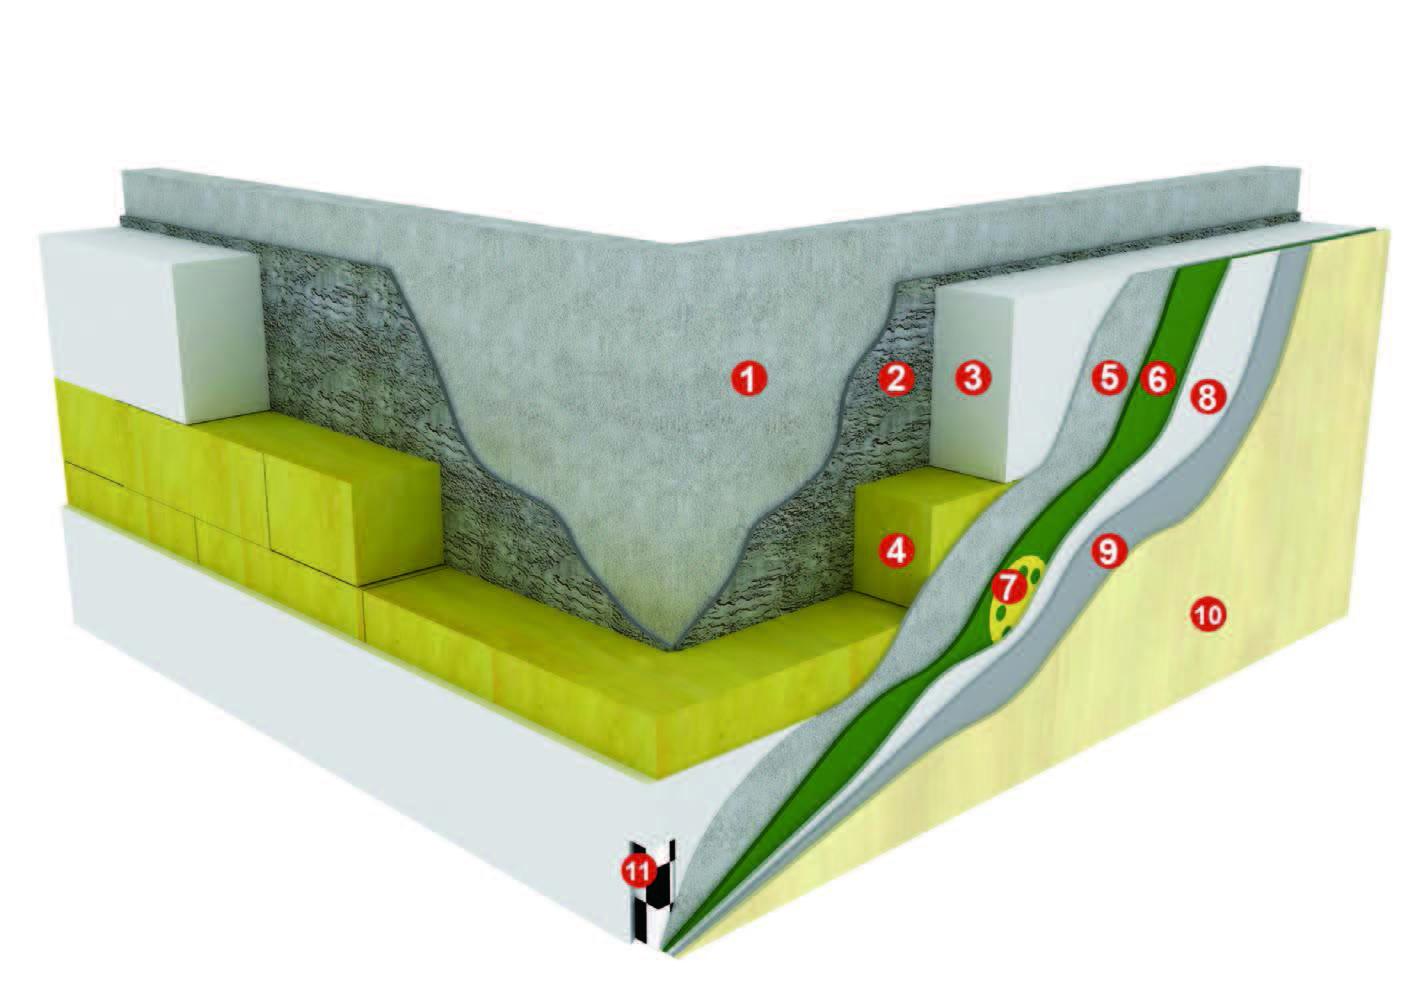 岩棉外墙外保温系统的施工要点